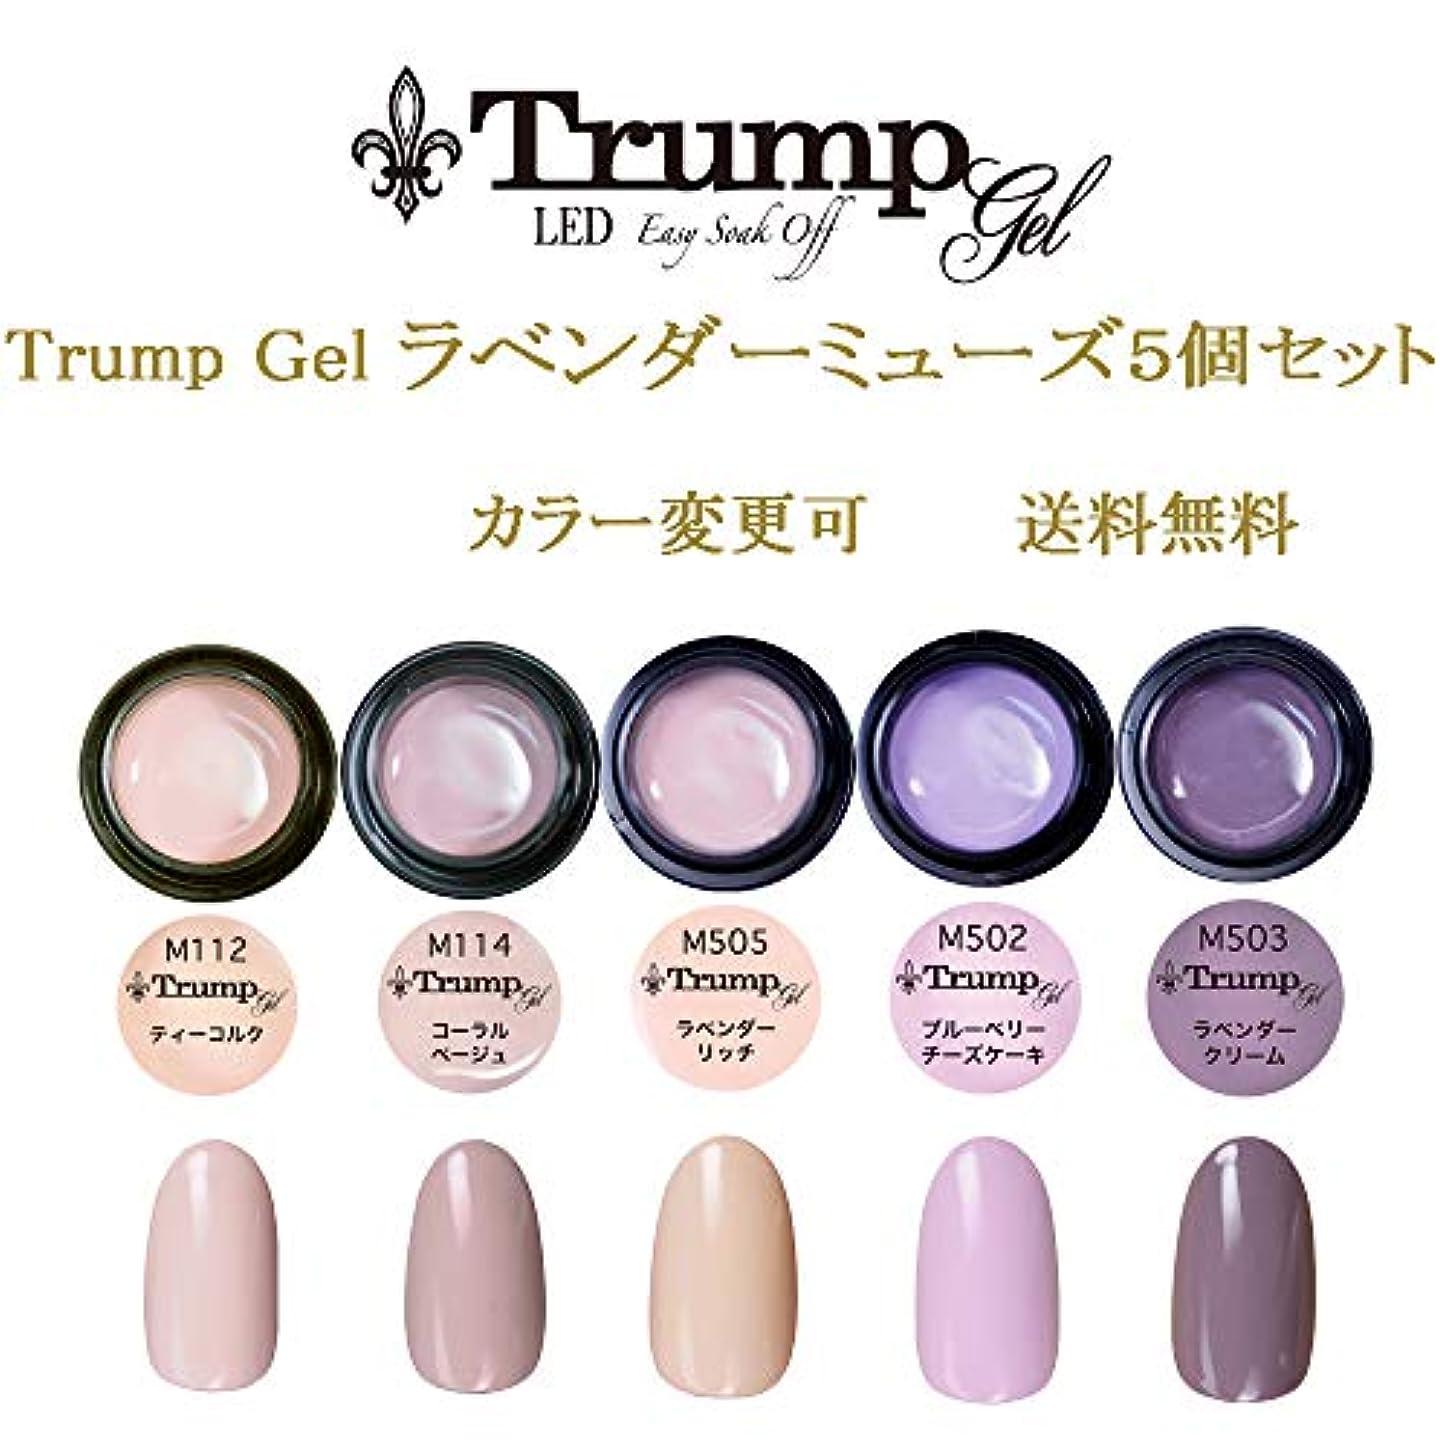 支払う城文言日本製 Trump gel トランプジェル ラベンダーミューズカラー 選べる カラージェル 5個セット ピンク ベージュ ラベンダーカラー